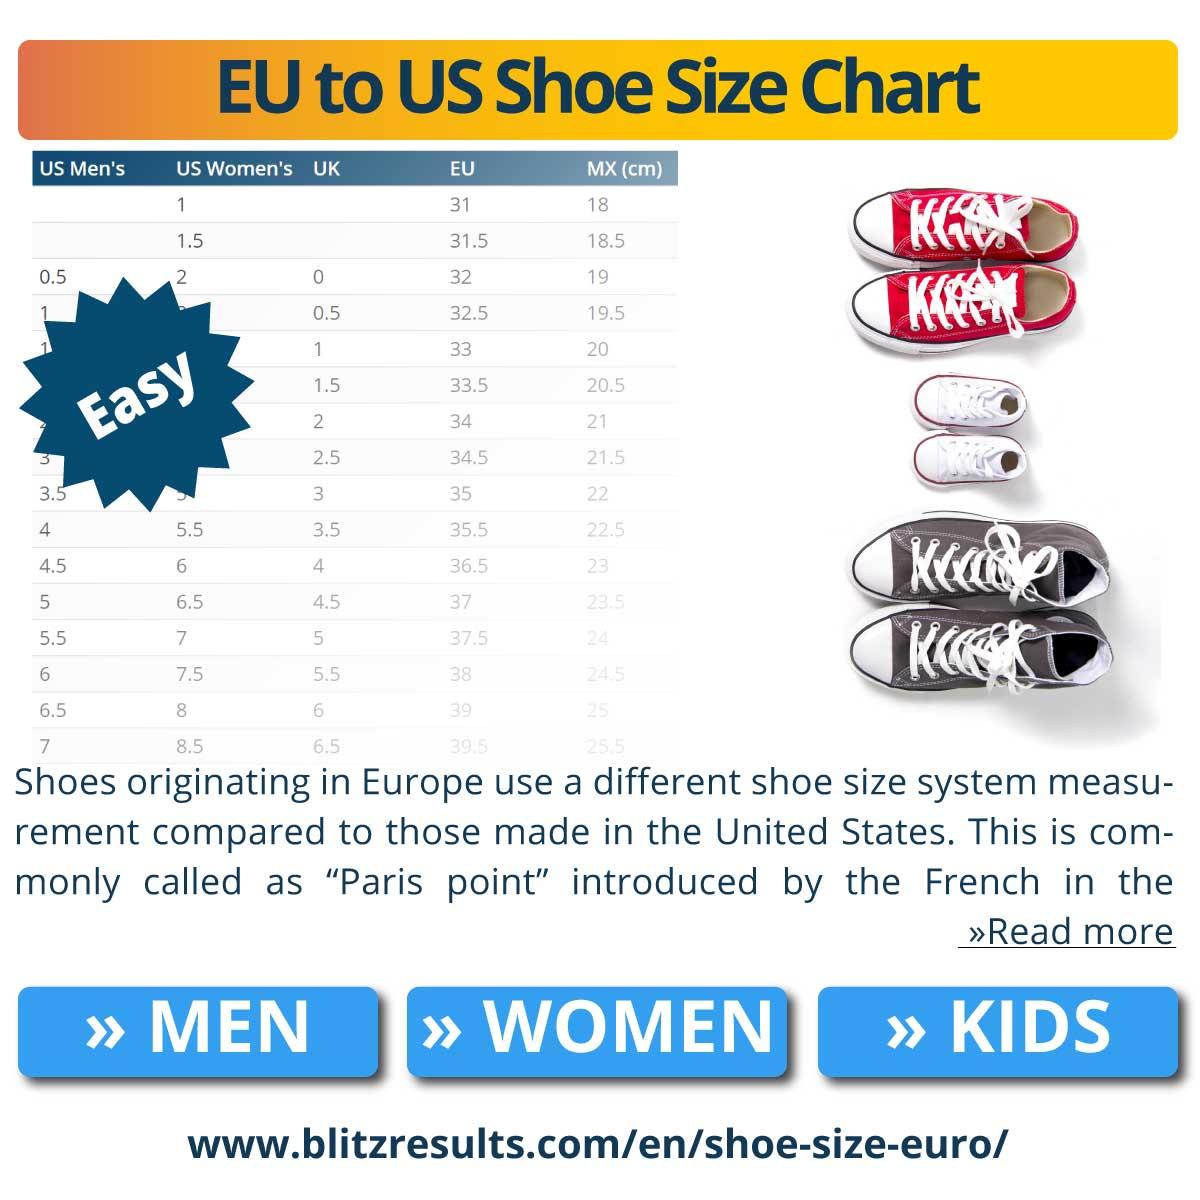 EU to US Shoe Size Chart